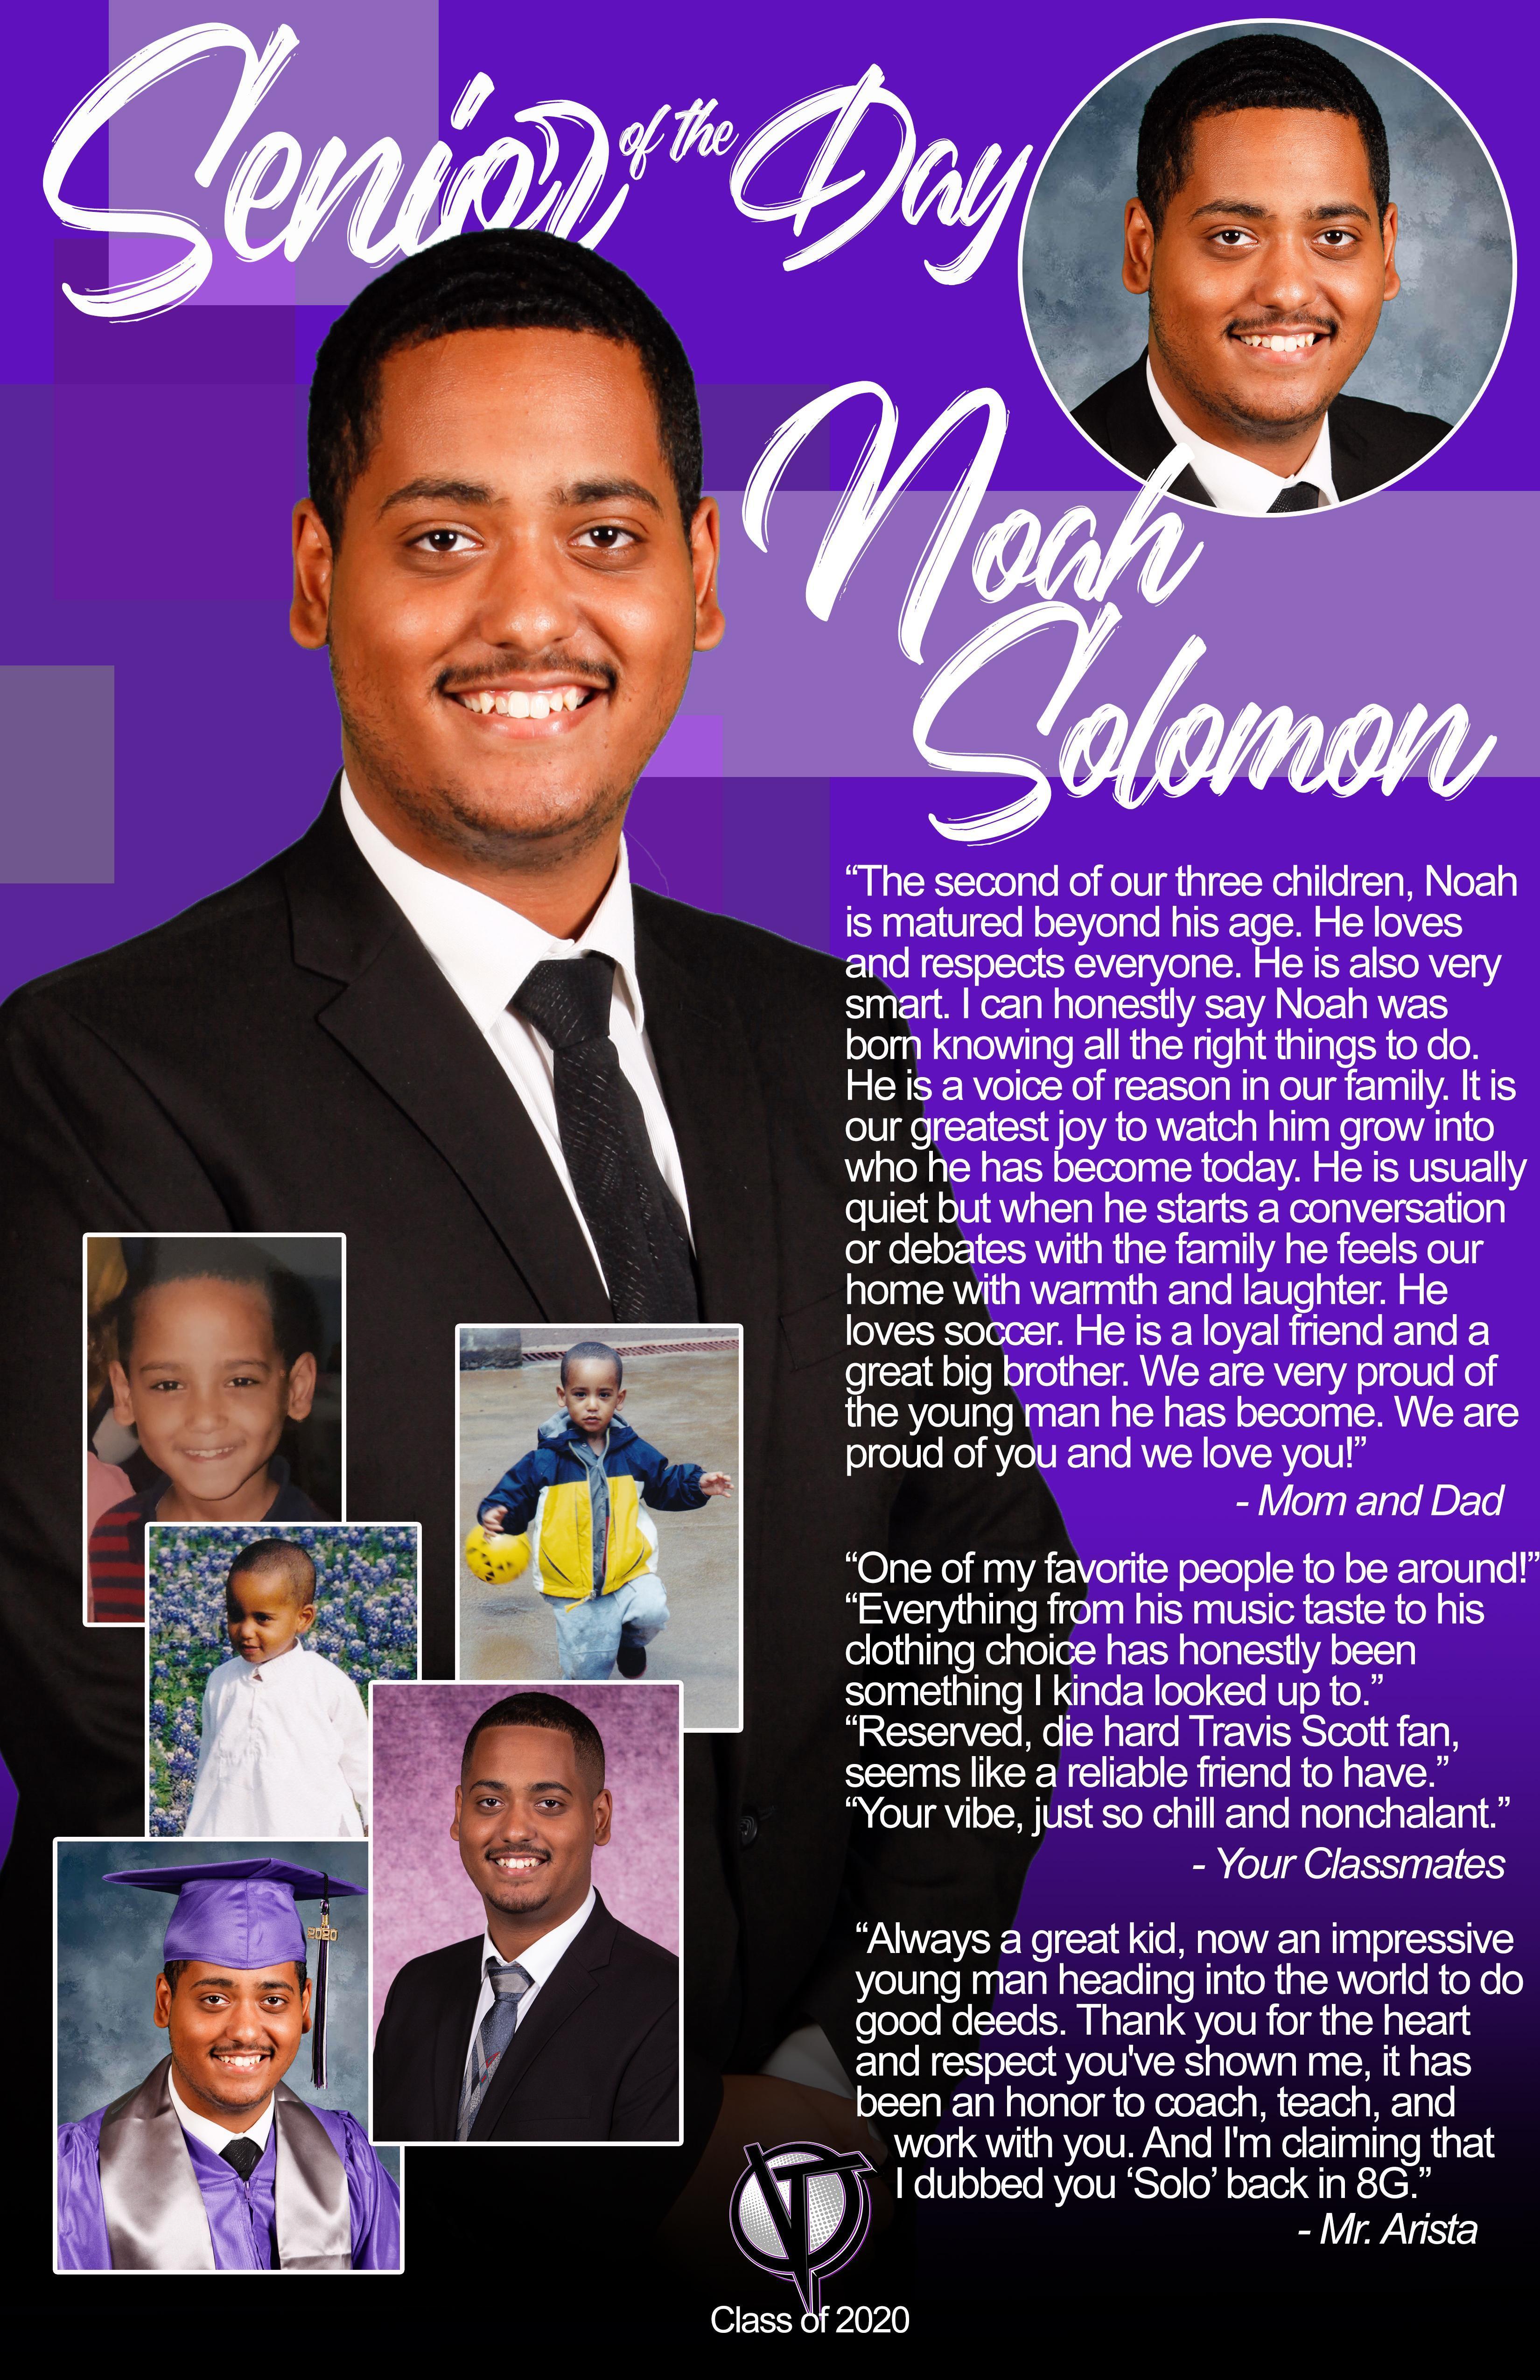 Noah Solomon